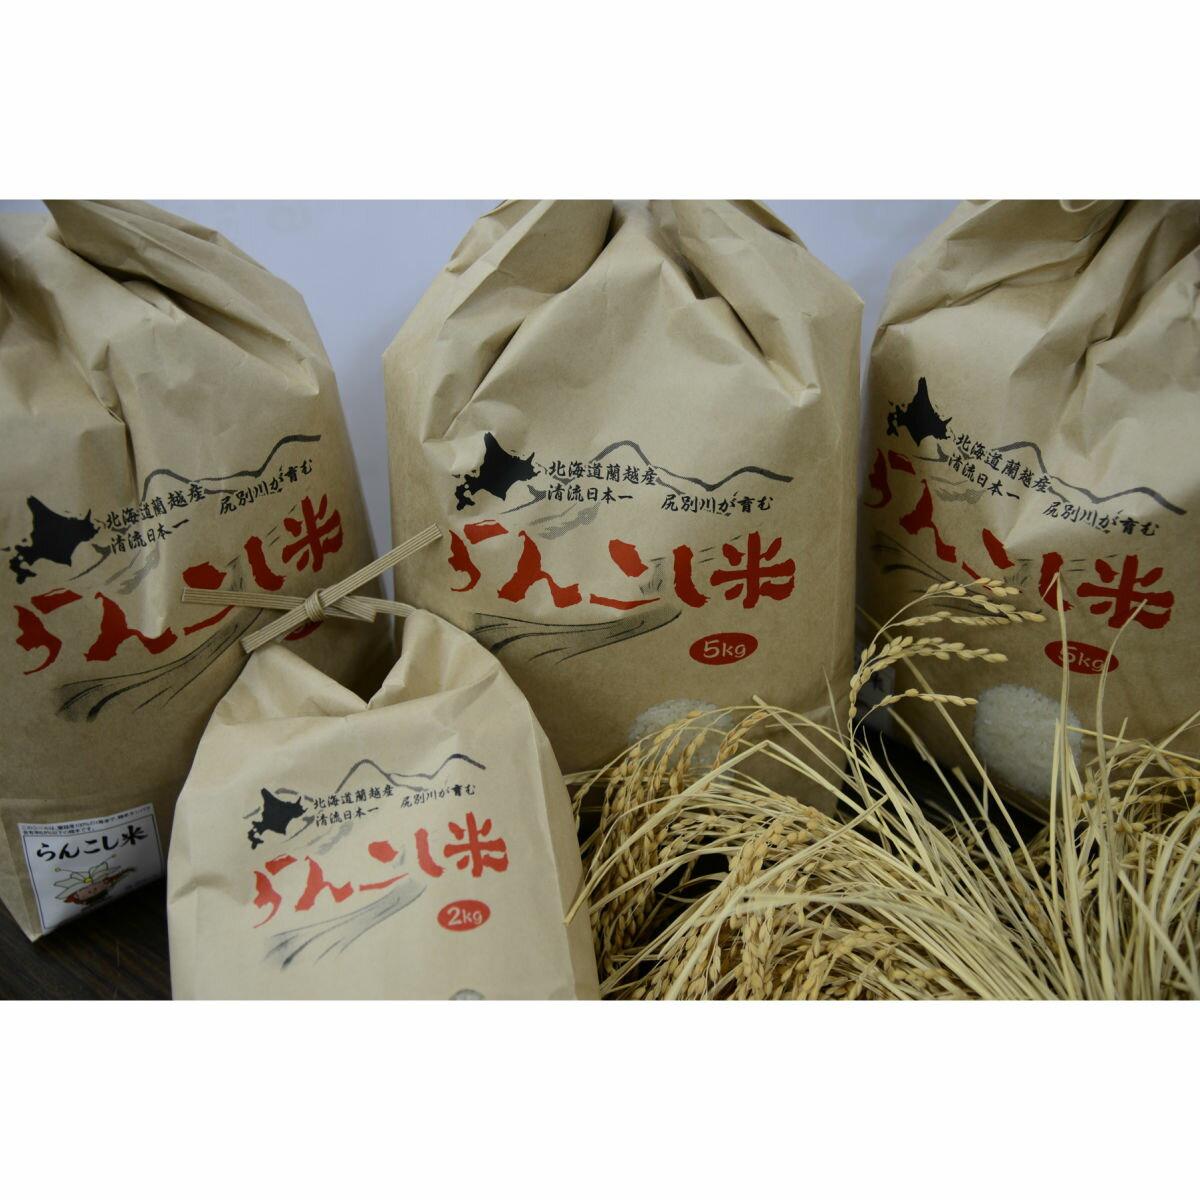 【ふるさと納税】らんこし米(30年産 ななつぼし 5Kg ゆめぴりか 5Kg 食べ比べセット)